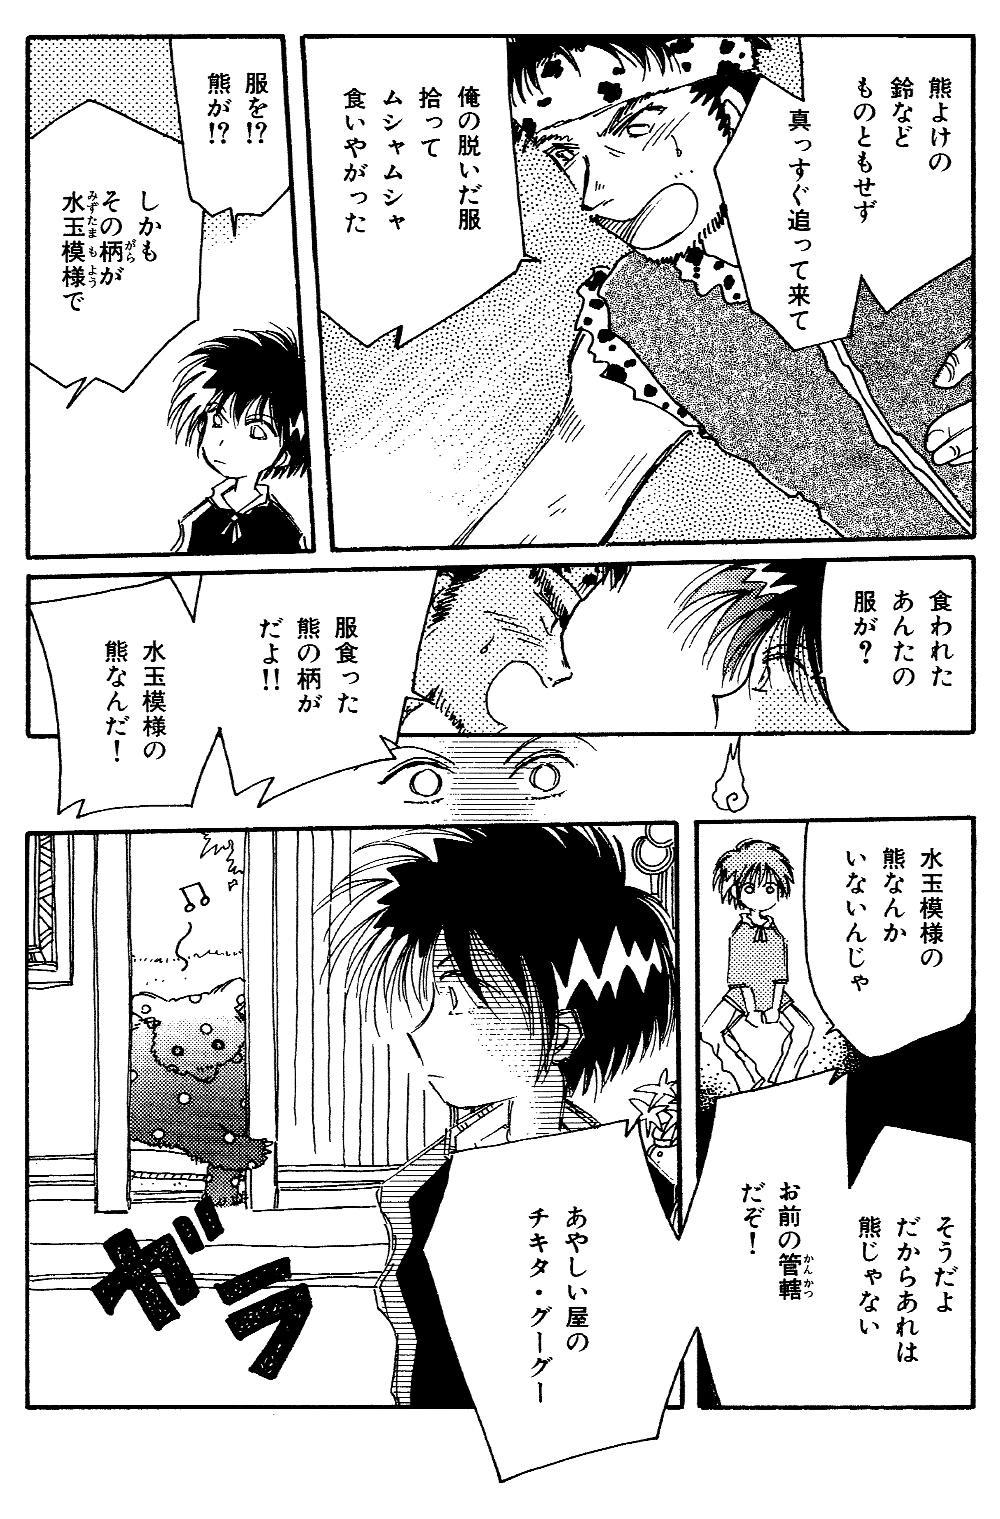 チキタ★GUGU 第3話chikitagg05-10.jpg